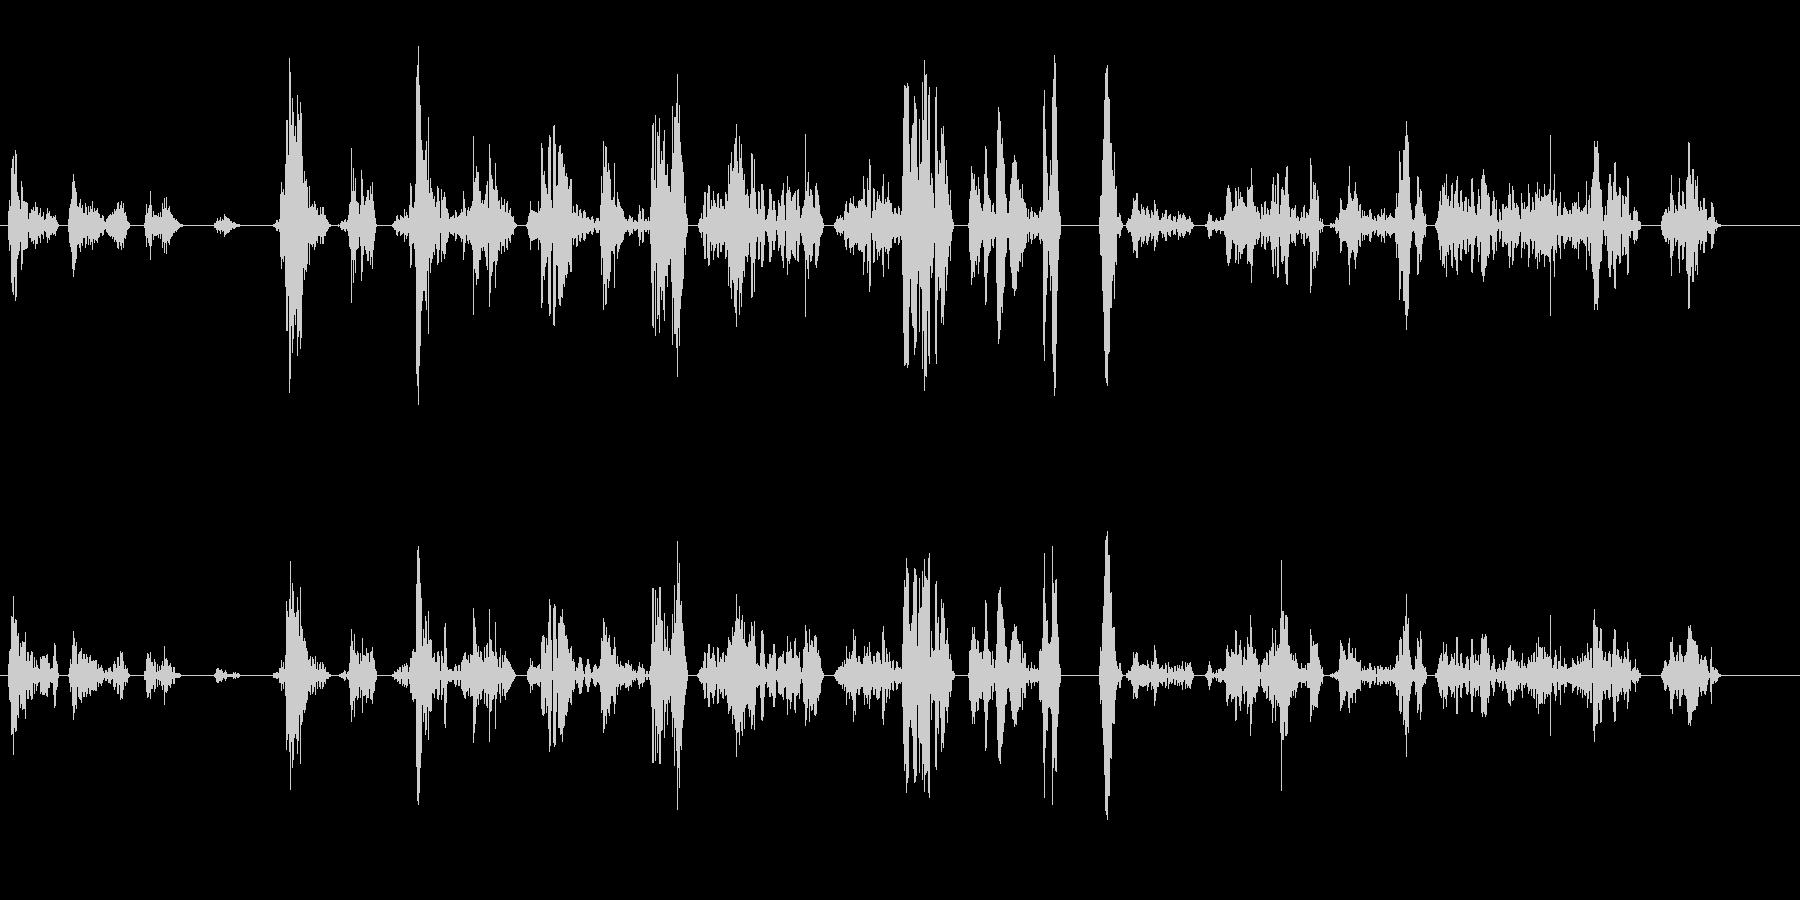 ペチャクチャ(早口気味の会話音)の未再生の波形